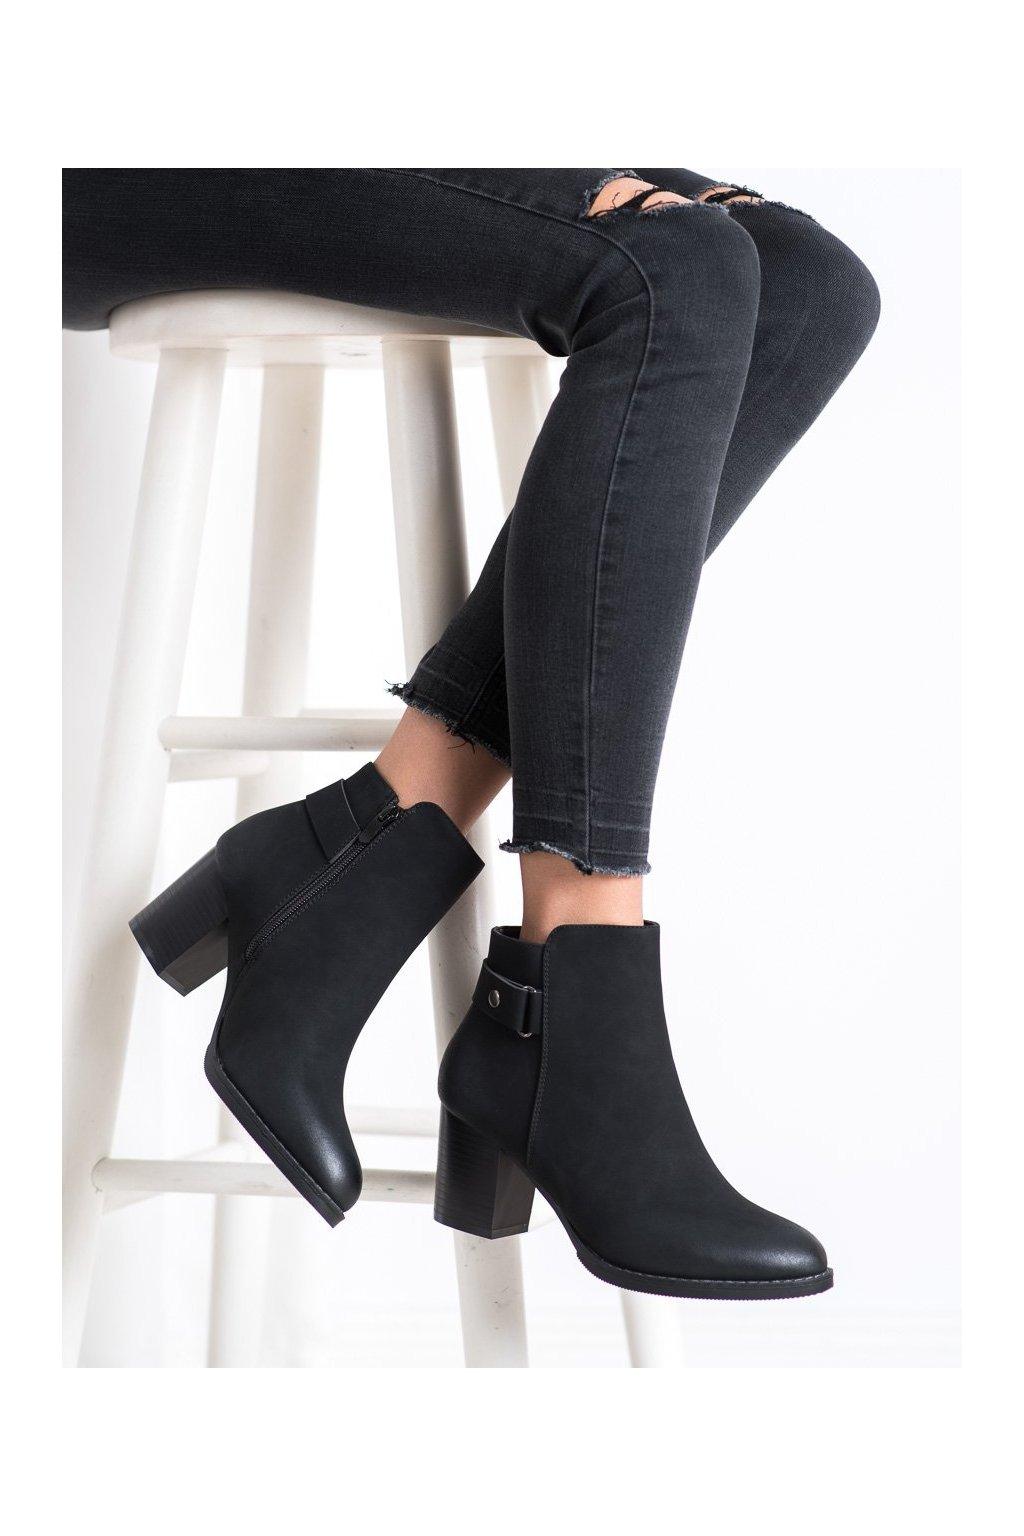 Čierne dámske topánky J. star kod 20Y8133B